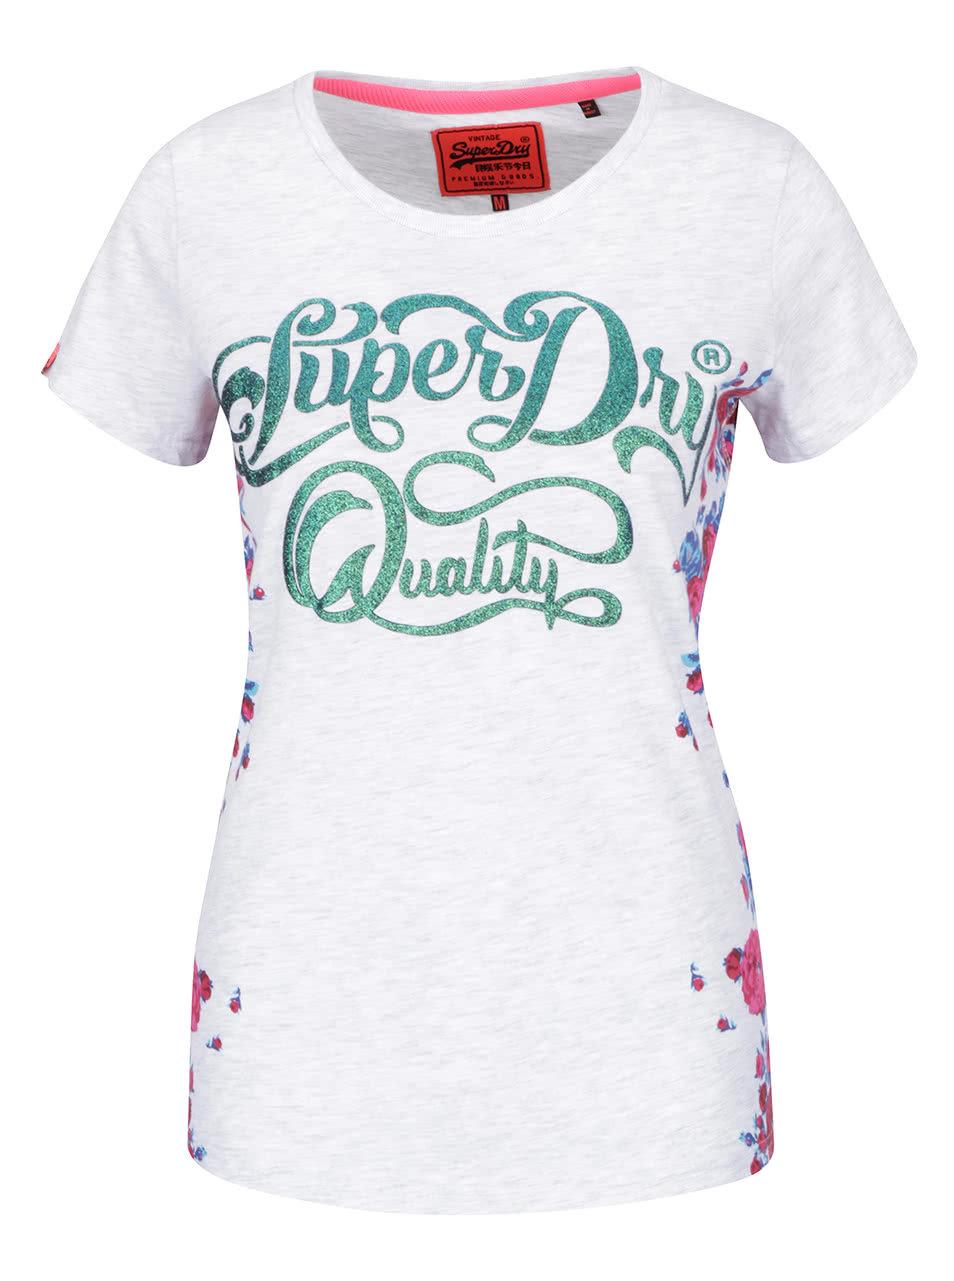 767fd24661d0 Svetlosivé melírované dámske tričko s potlačou Superdry Quality ...